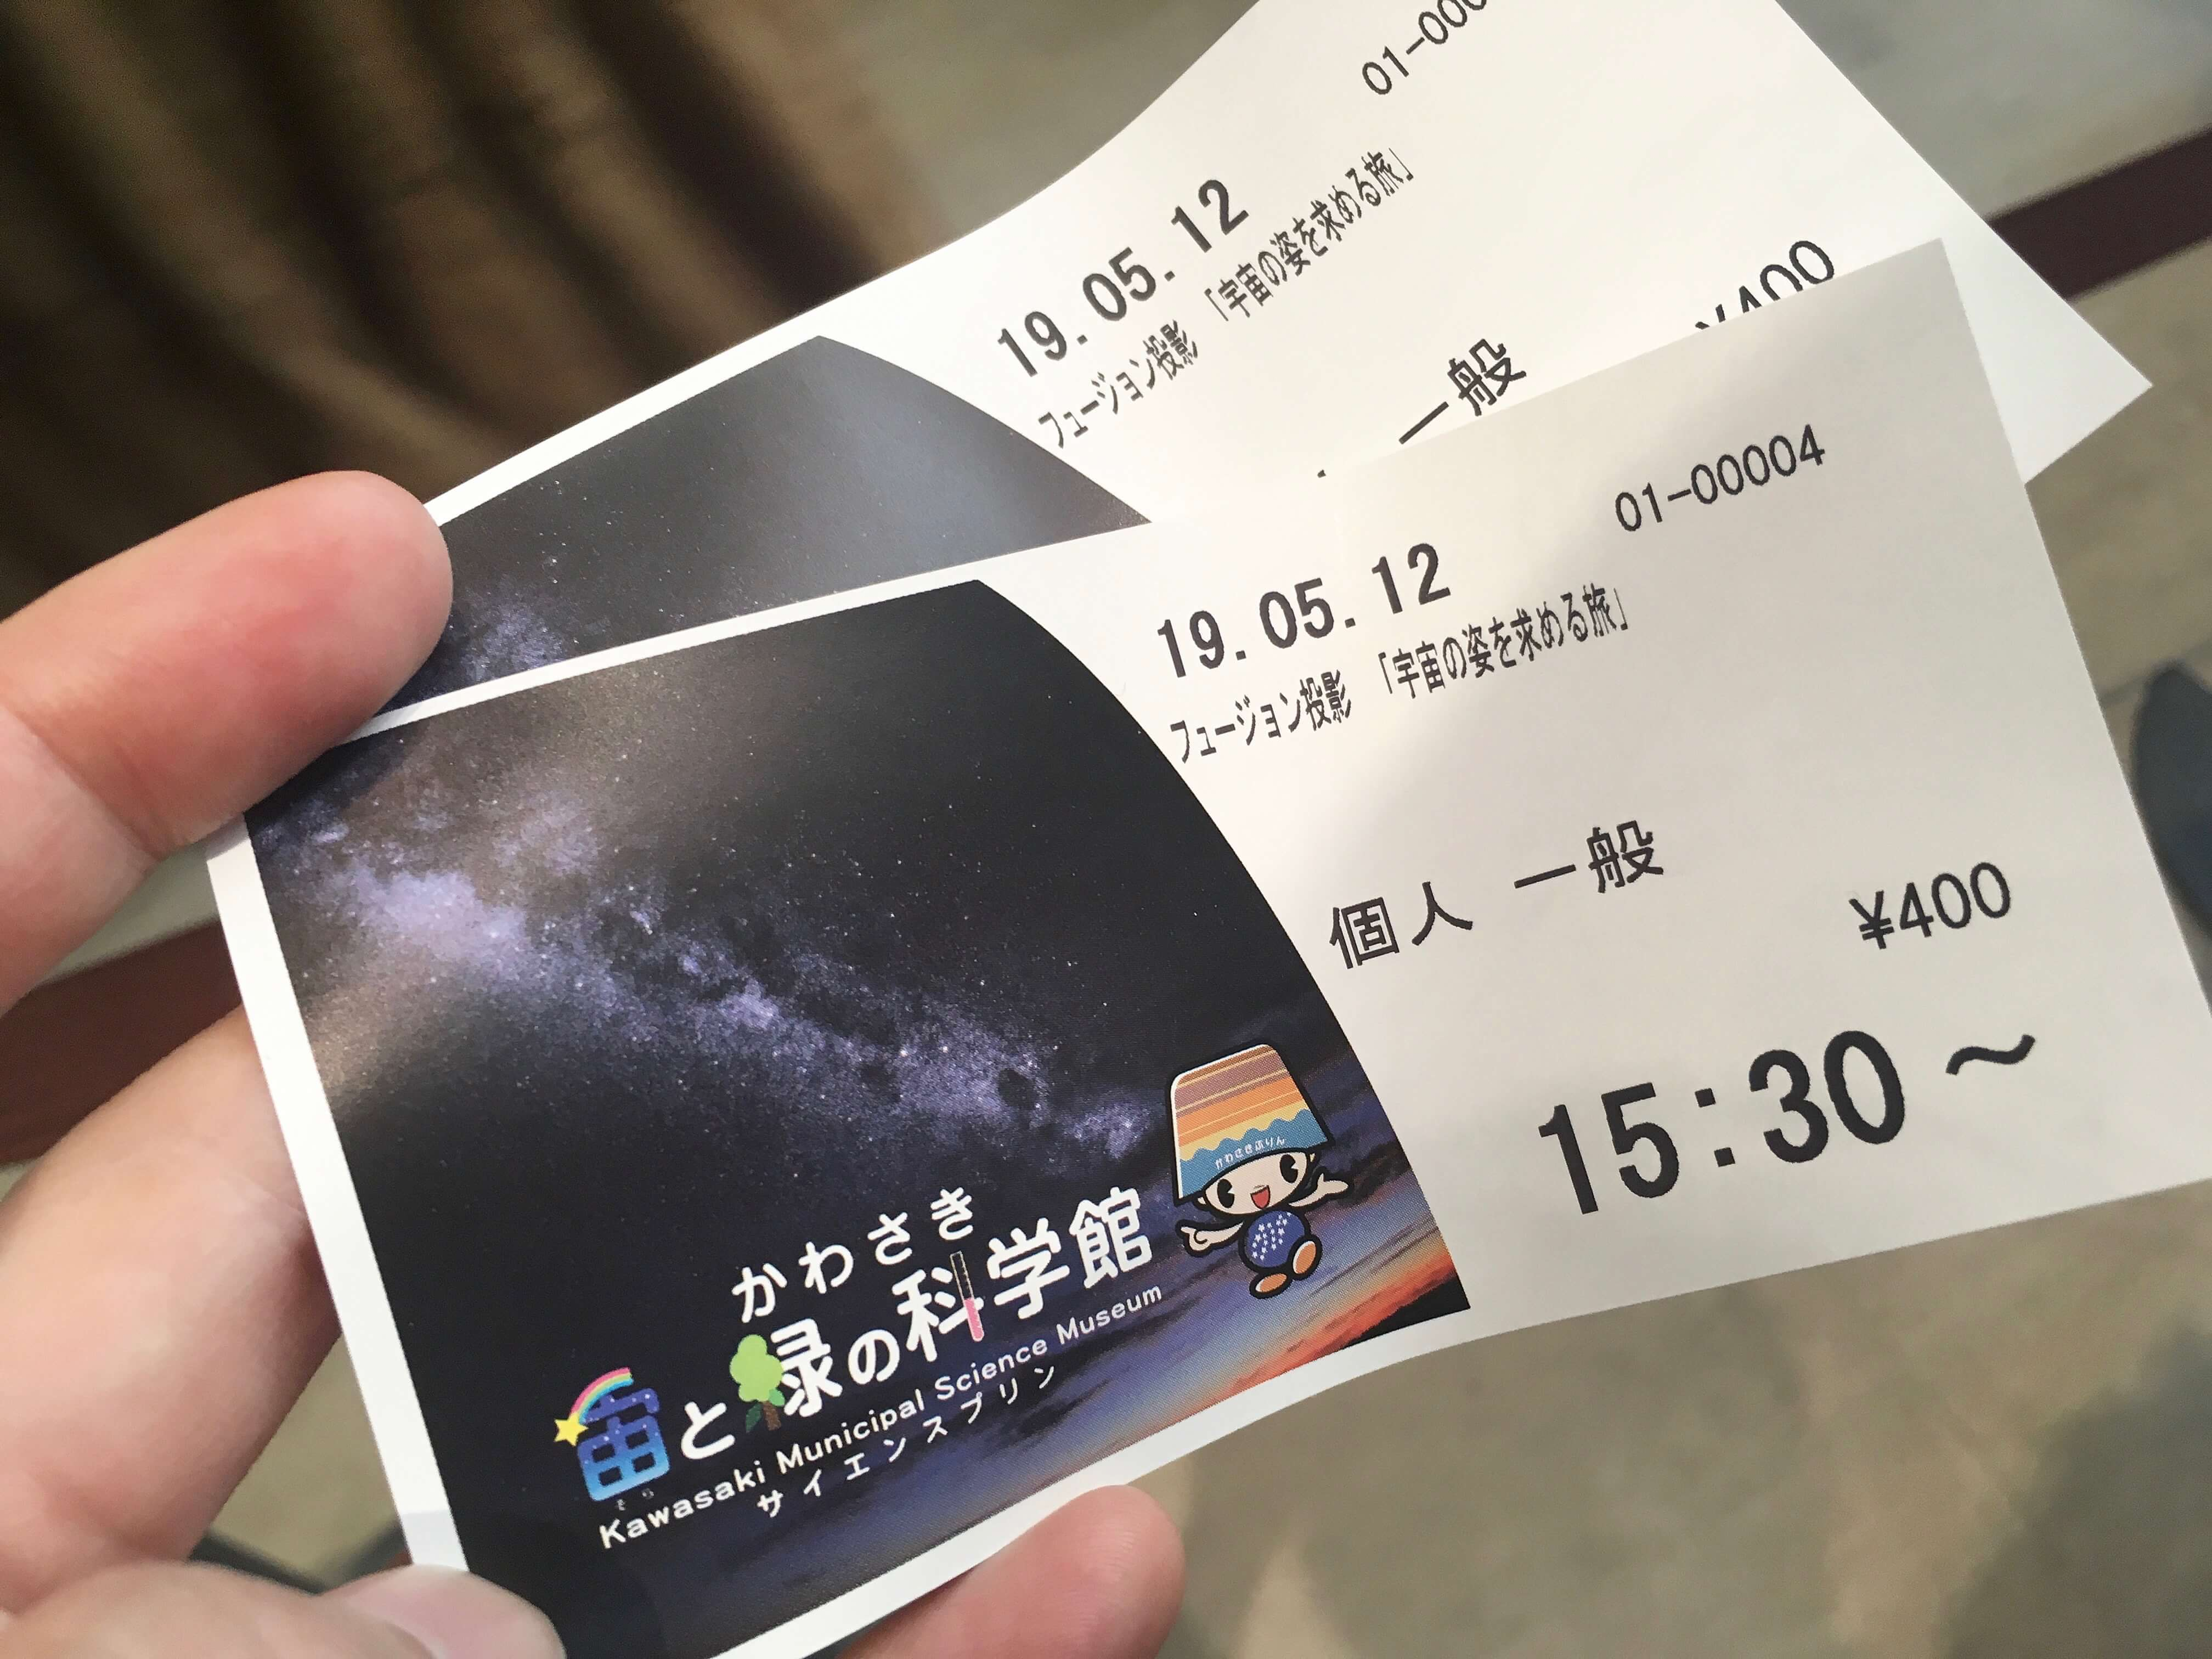 生田緑地 プラネタリウム チケット